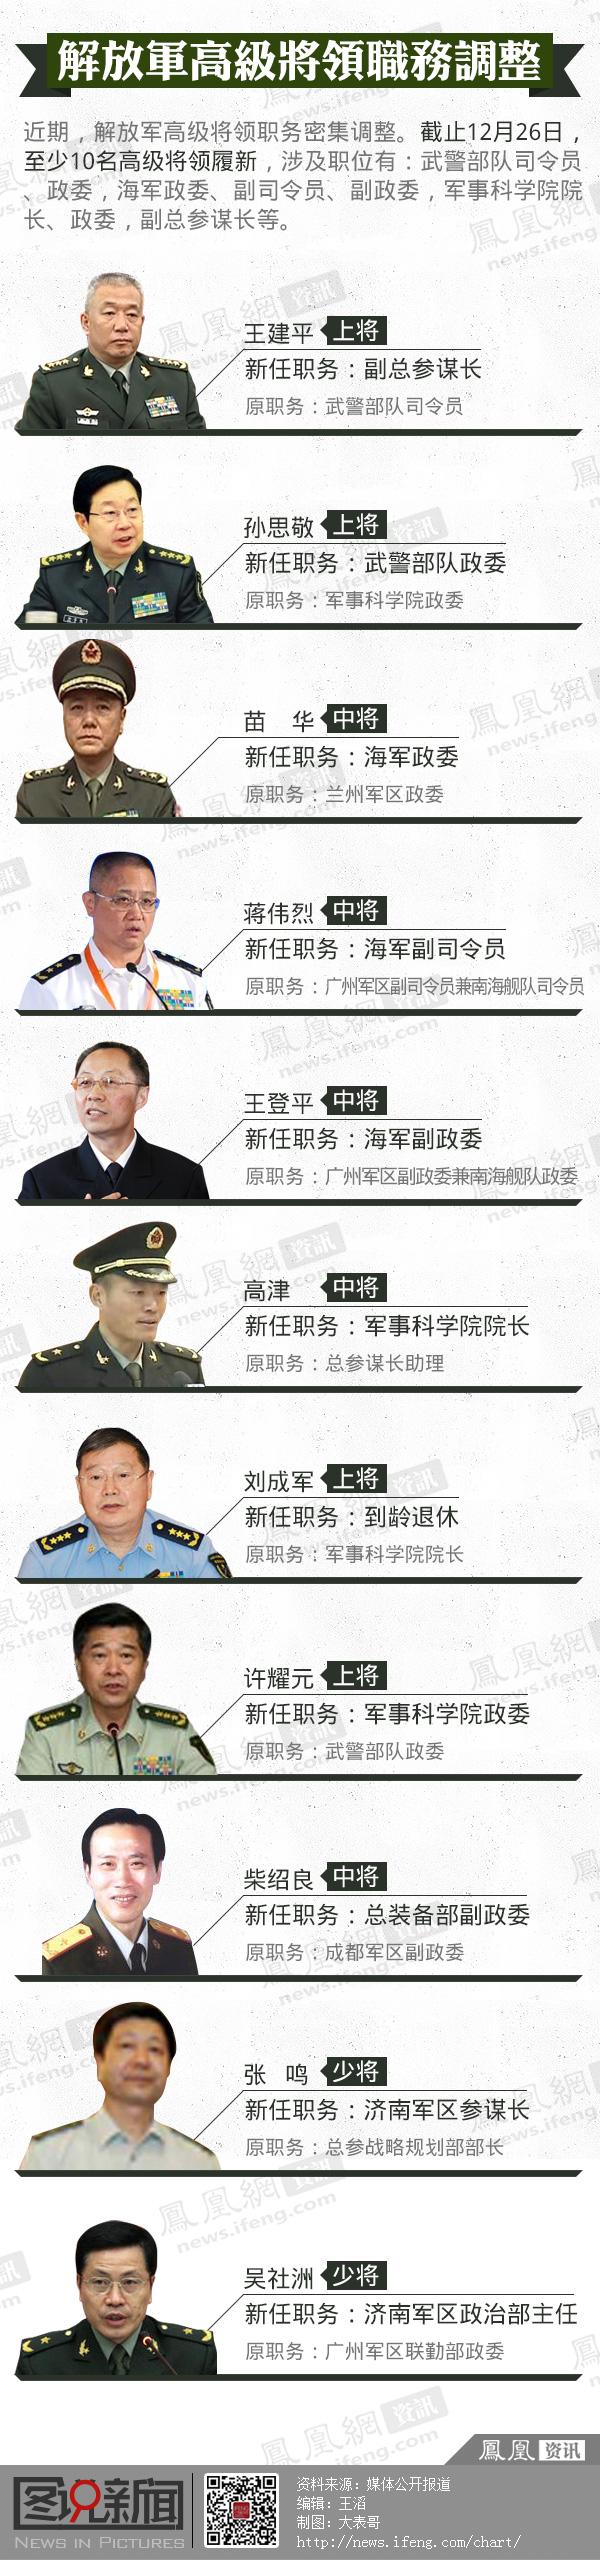 新一轮解放军高级将领职务调整